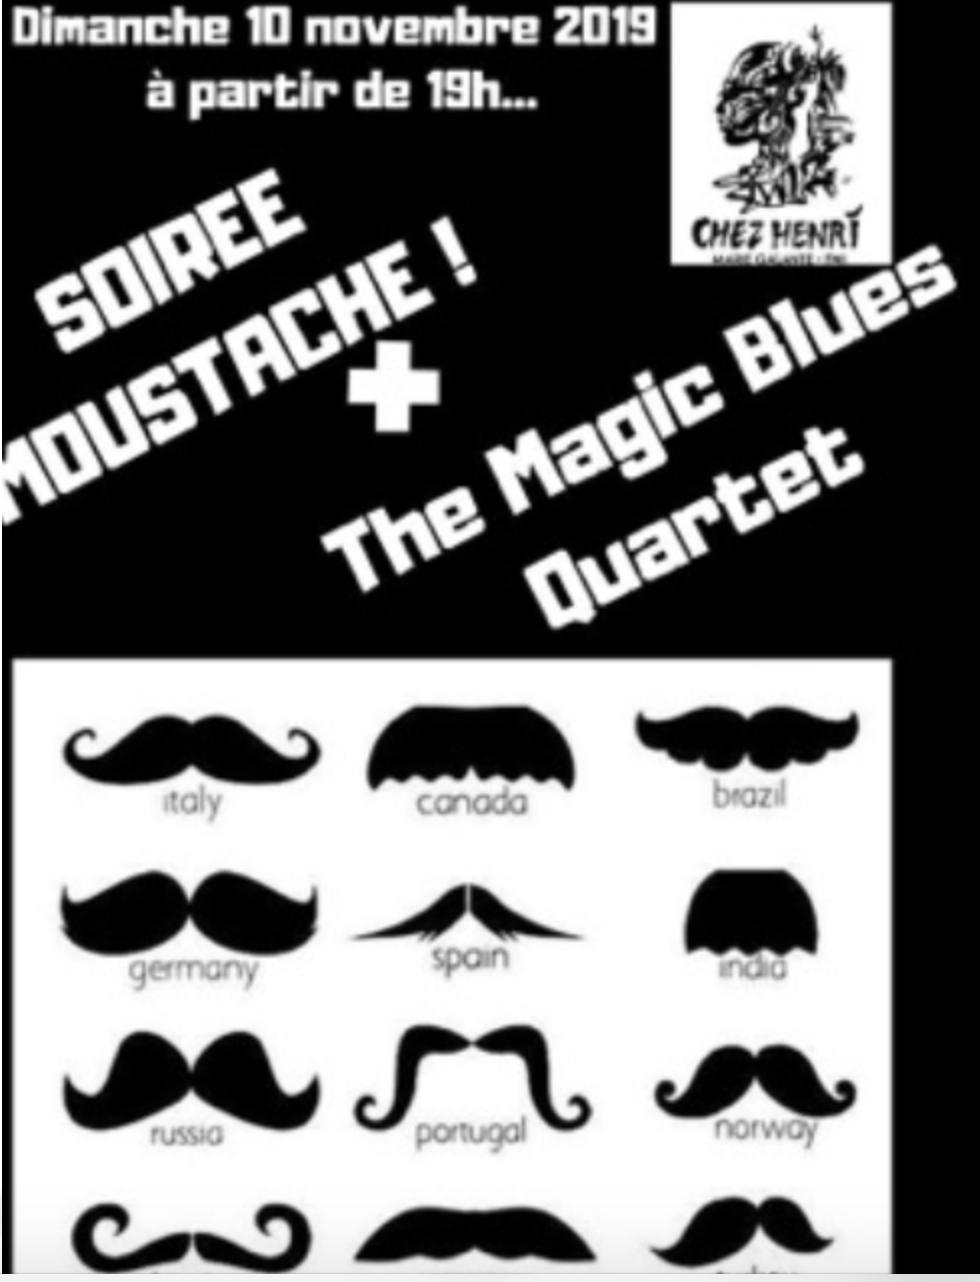 Retour sur la soirée moustache Chez Henri